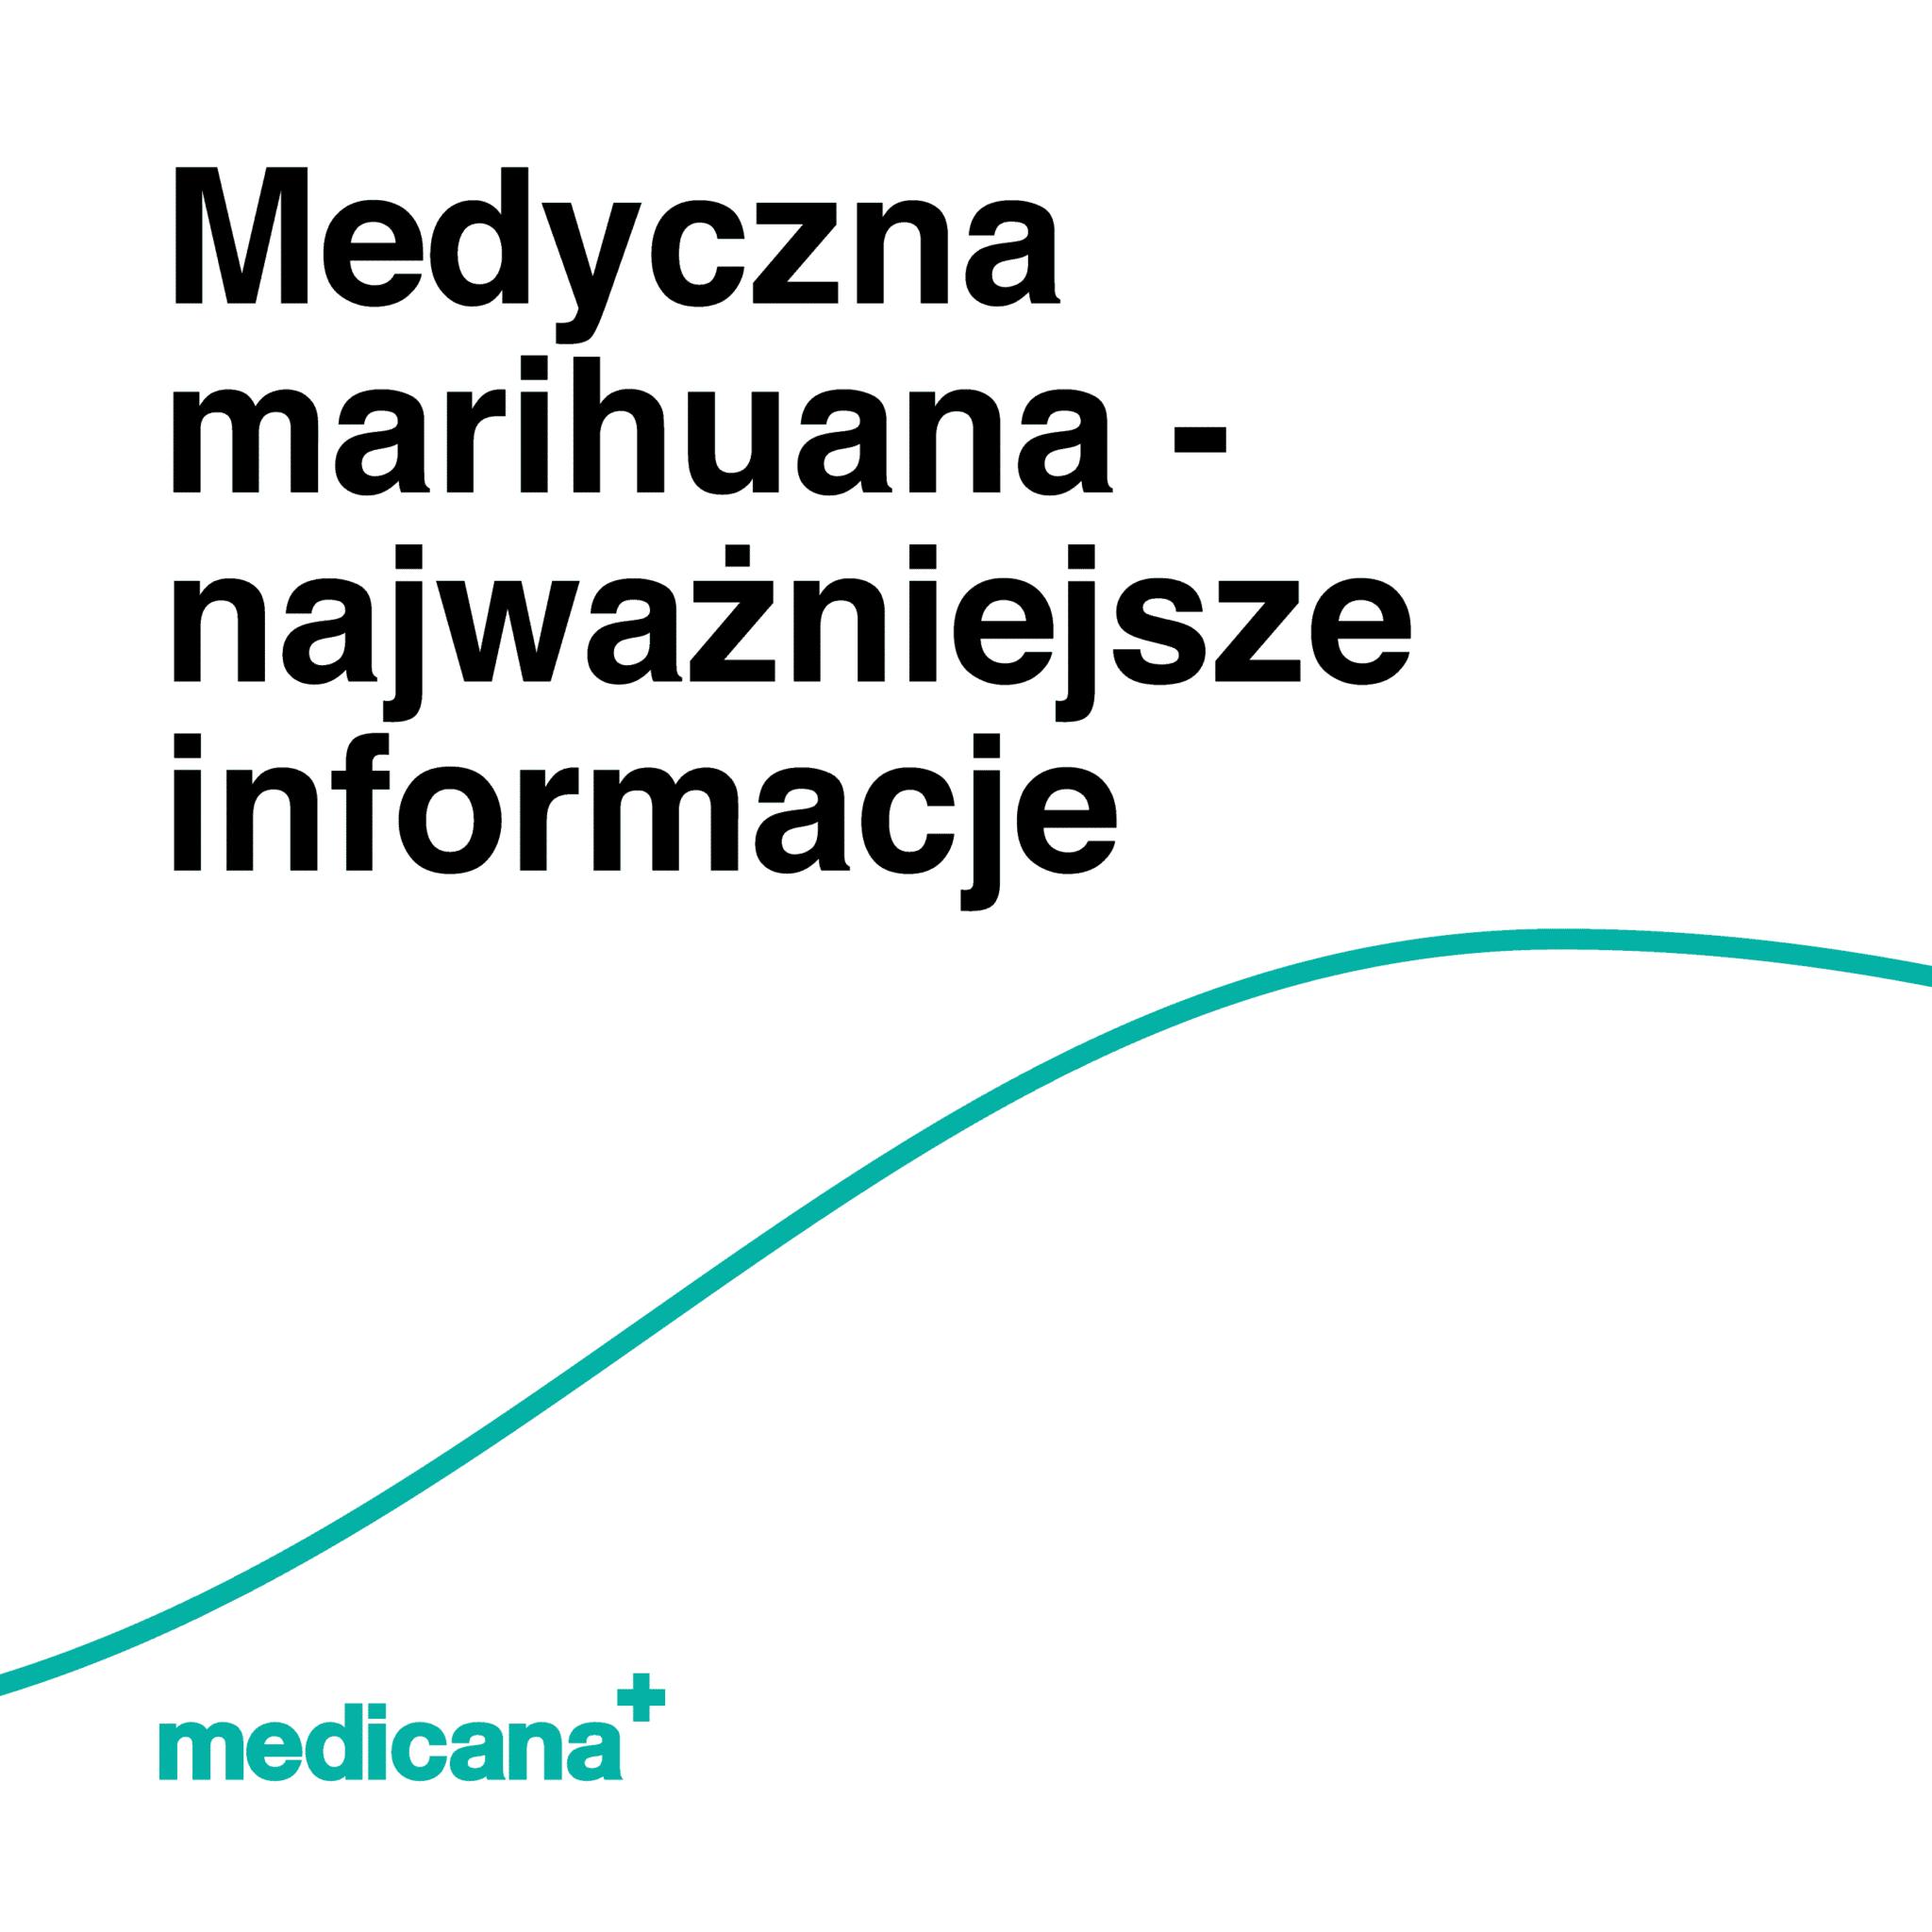 Grafika, białe tło z zieloną linią, czarnym napisem Medyczna marihuana - najważniejsze informacje oraz zielonym logo Medicana w lewym dolnym rogu.